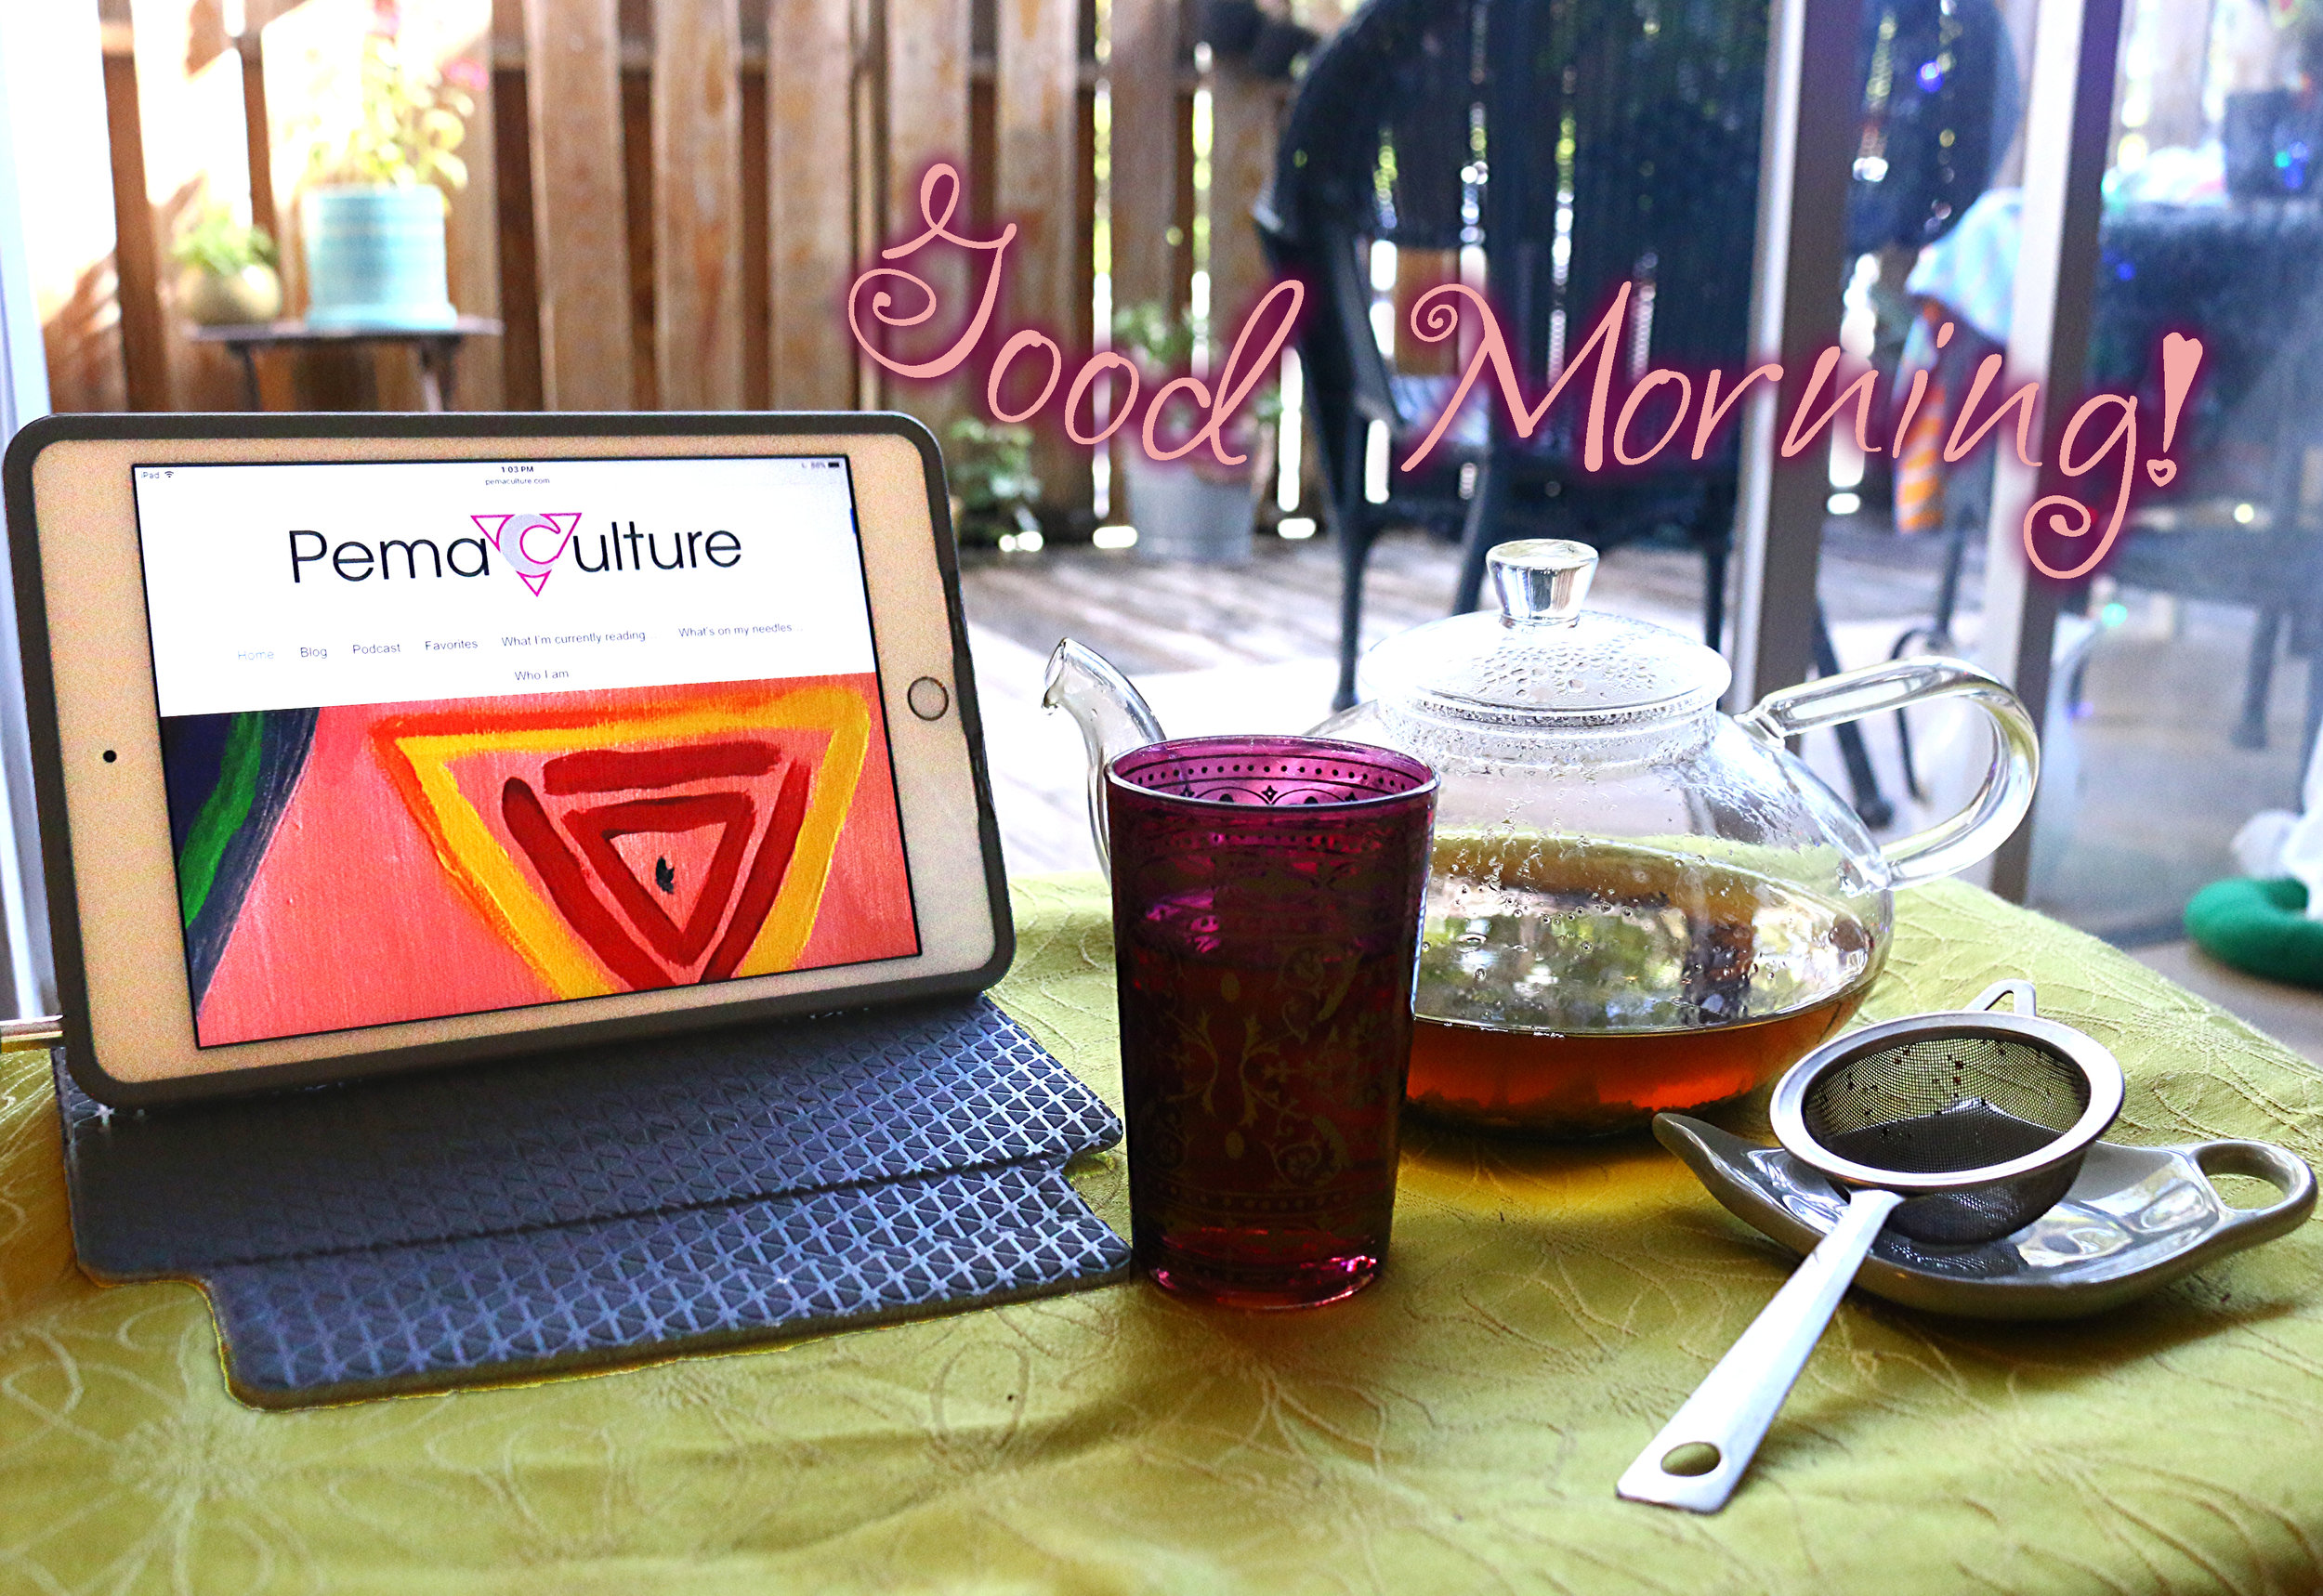 pema culture and tea.jpg